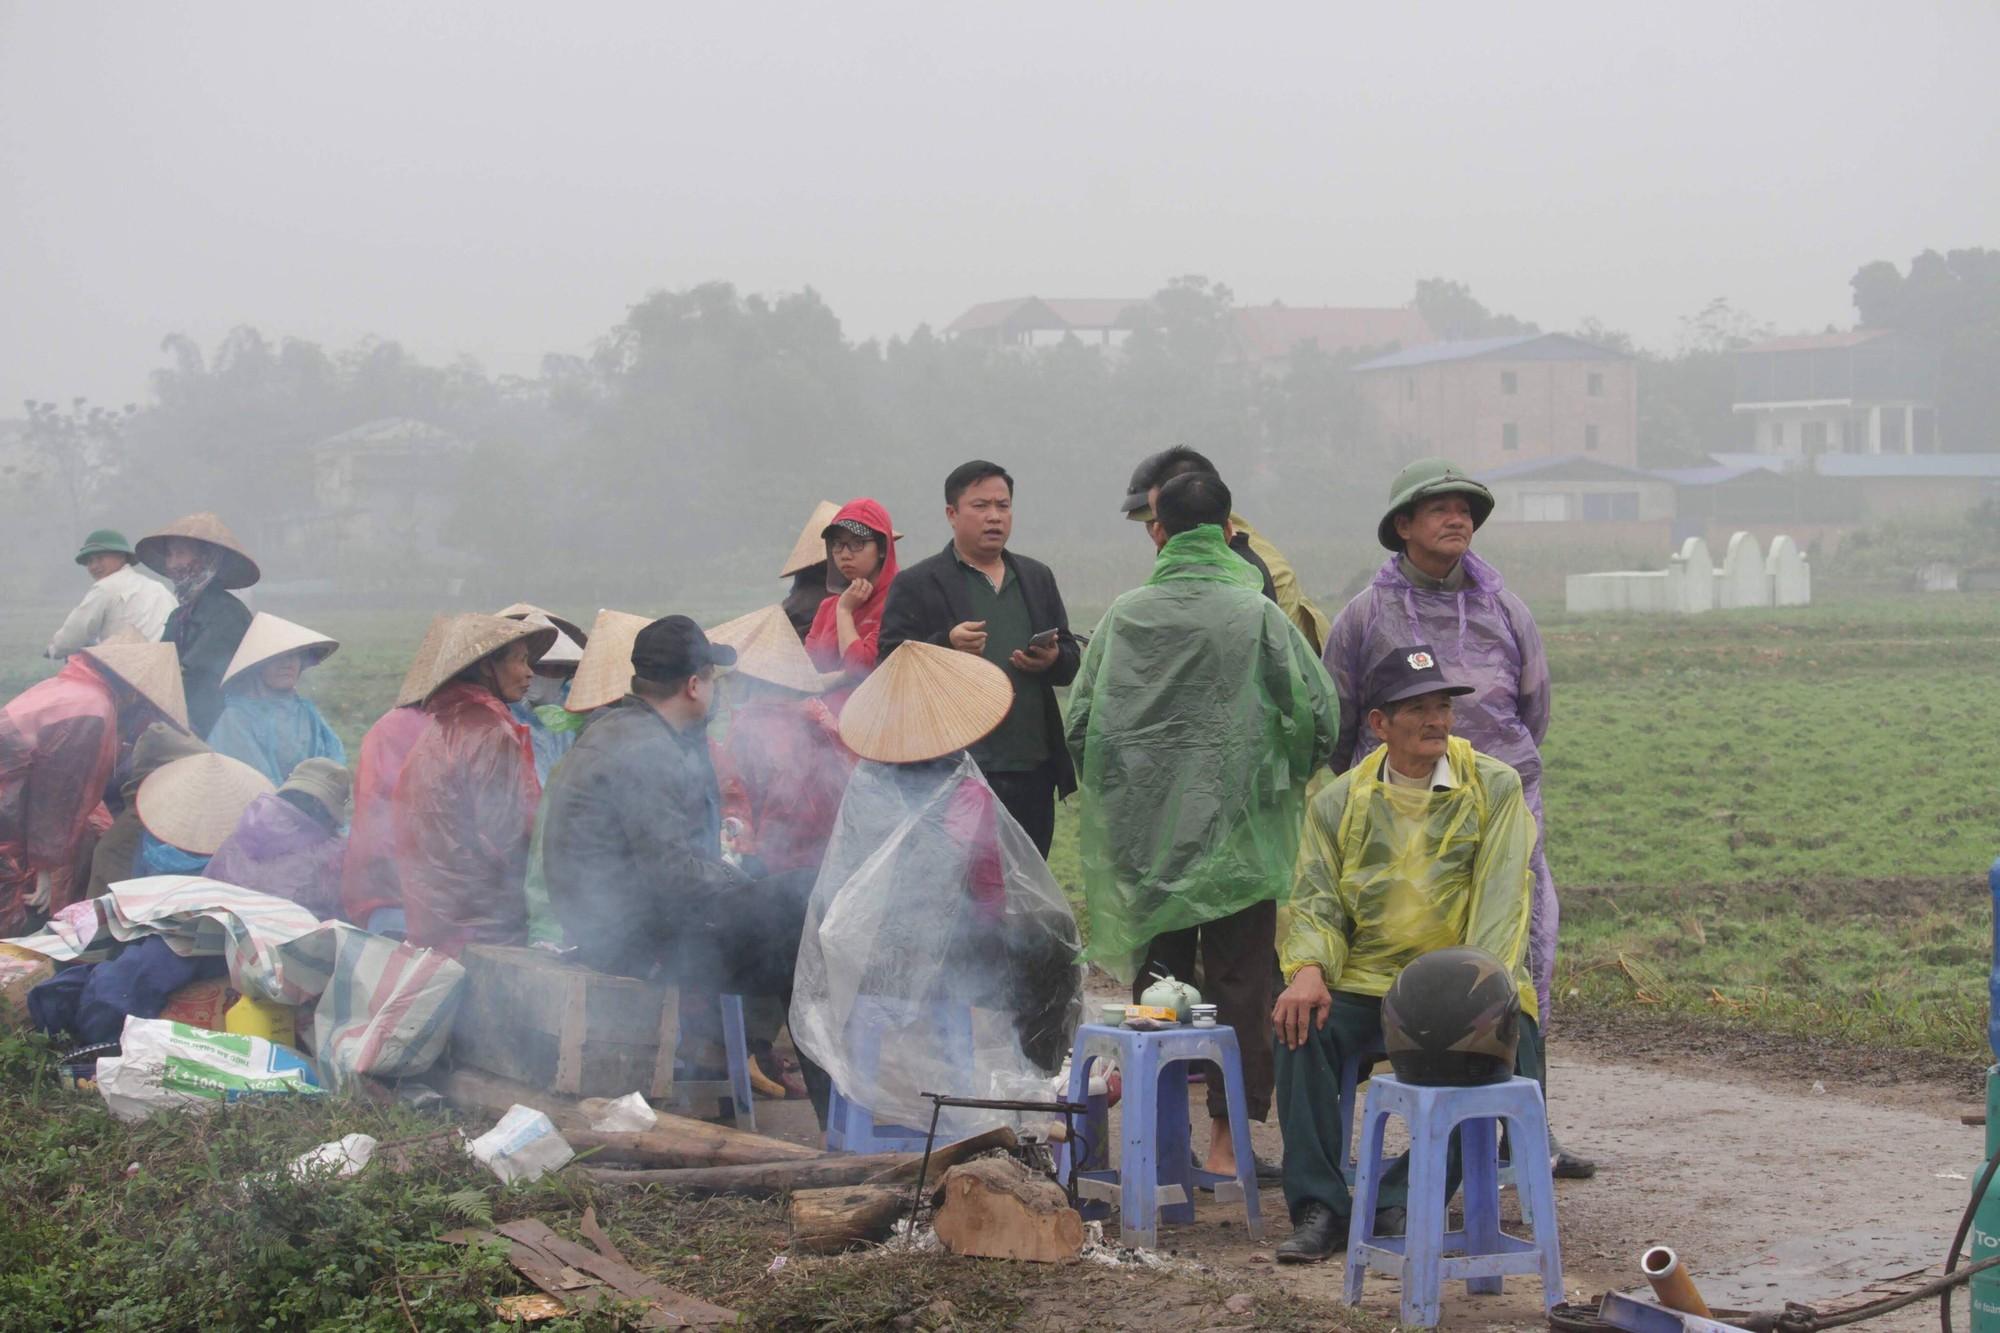 Cuộc sống cạnh bãi rác lớn nhất Hà Nội: Trong xóm có đám cưới chỉ đến uống chén rượu, không dám ăn-3